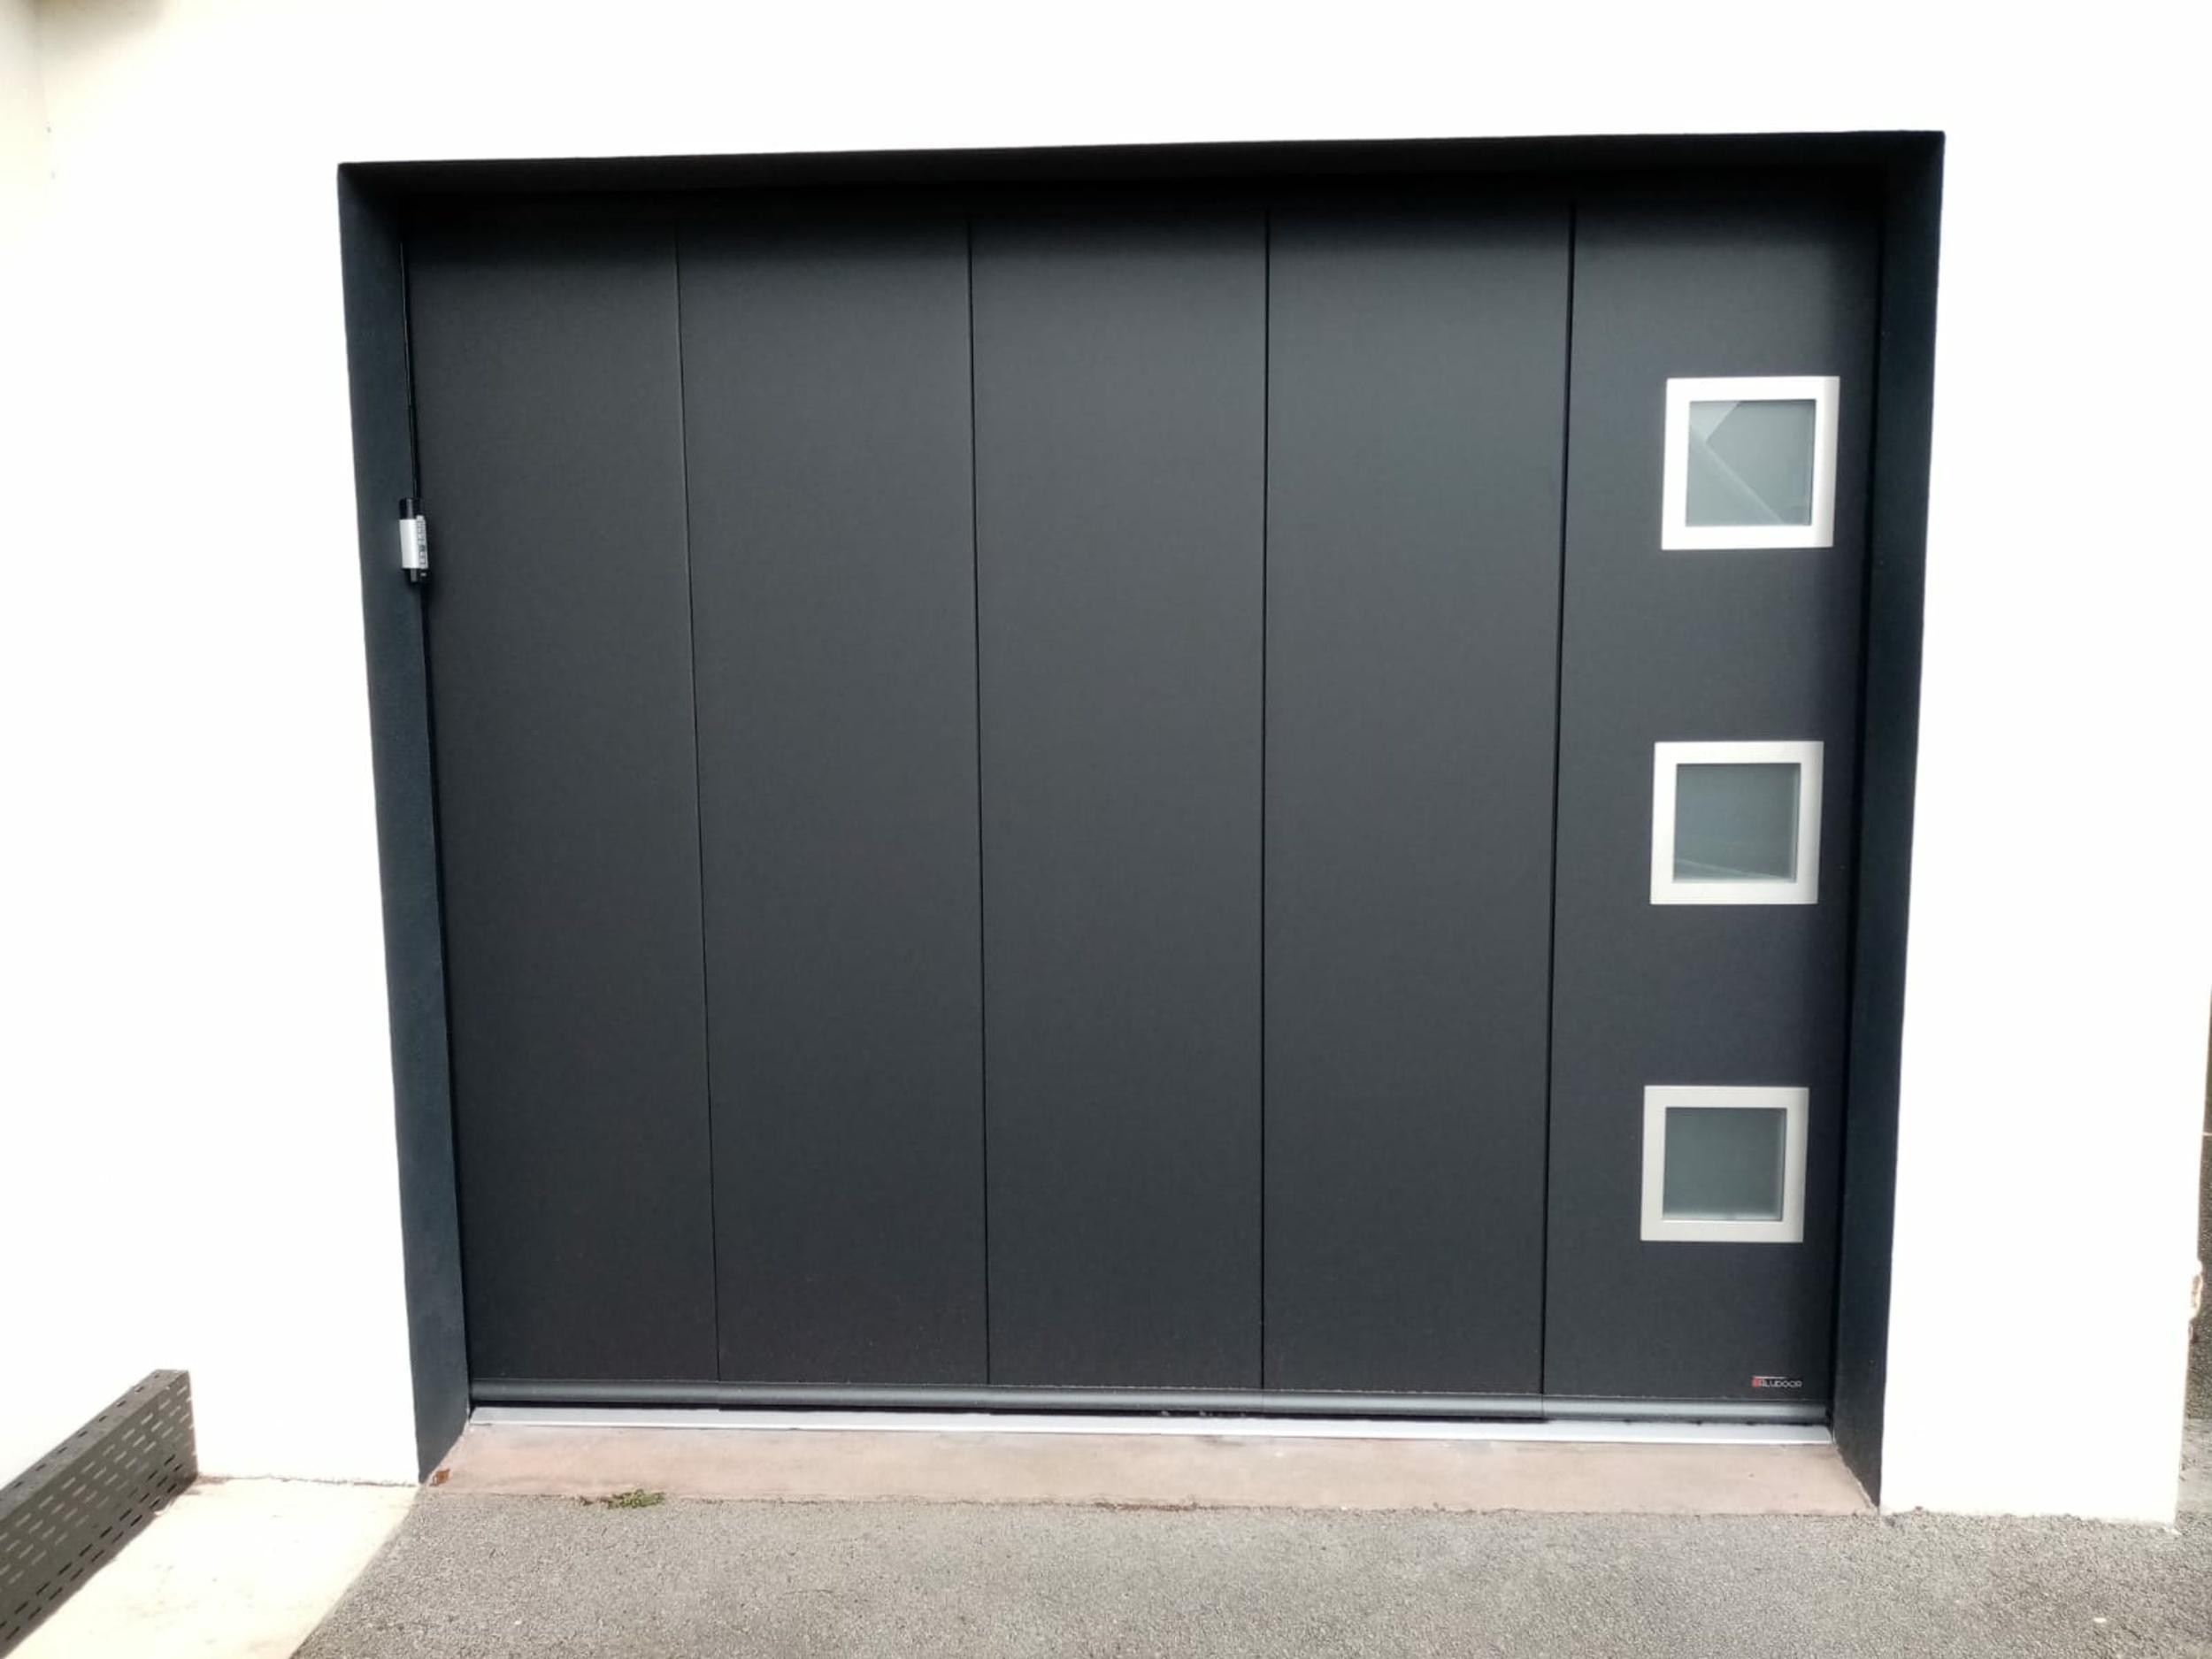 Pose porte de garage noire - déplacement latéral